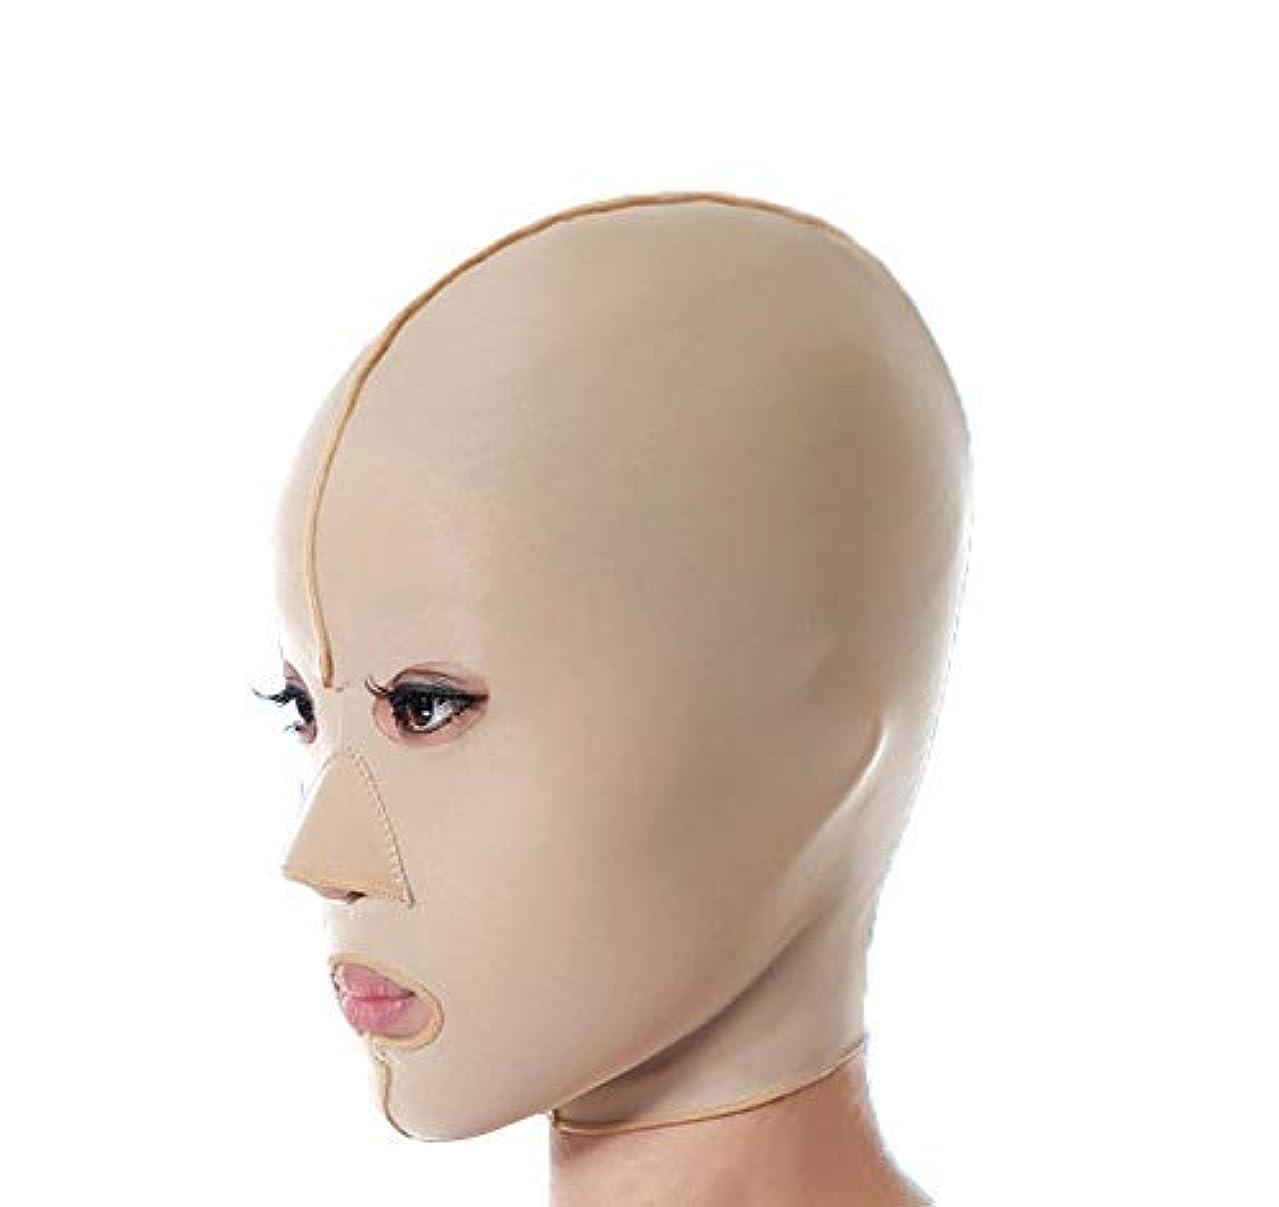 悲鳴コマンド後方ファーミングフェイスマスク、フェイシャルマスク医学強力なフェイスマスクアーティファクト美容垂れ防止法パターンフェイシャルリフティングファーミングフルフェイスマスク(サイズ:M),S